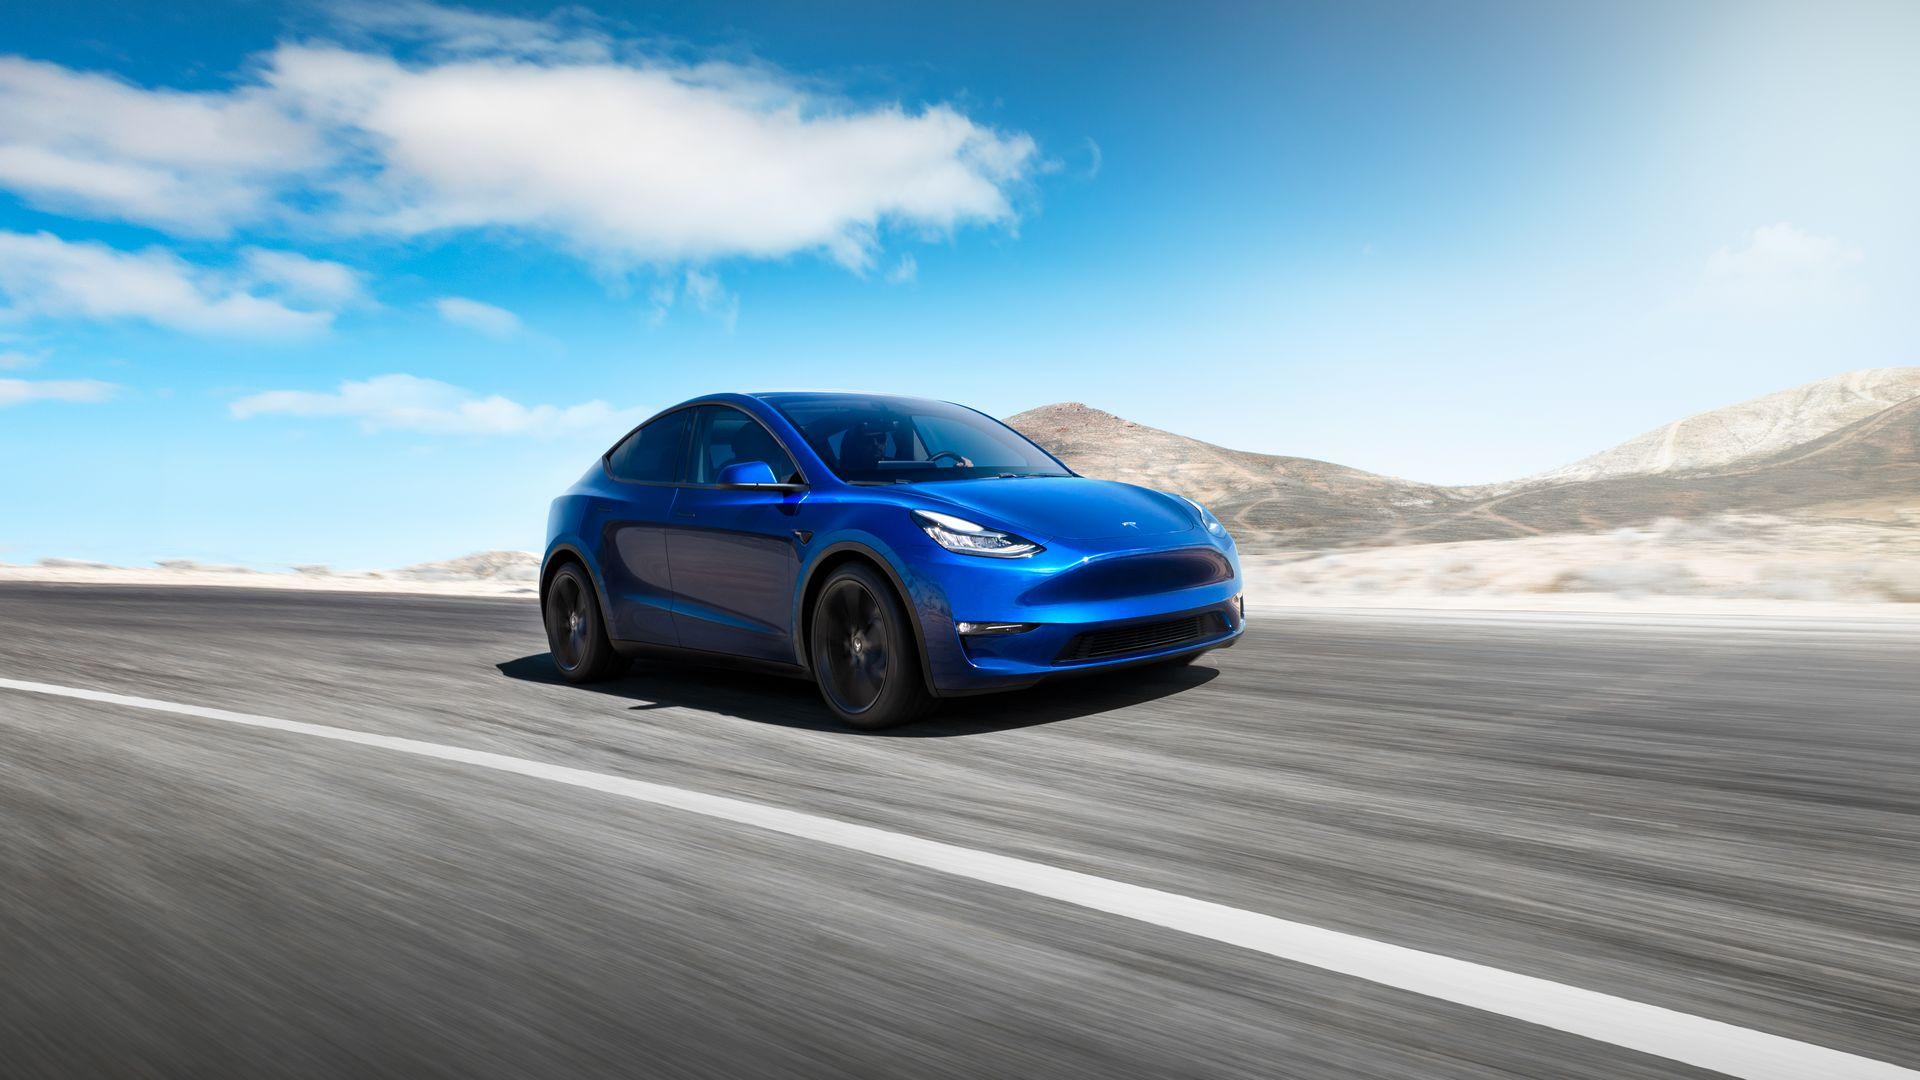 Tesla Model Y: noul SUV electric al americanilor lansat cu o autonomie maxima de 540 de kilometri